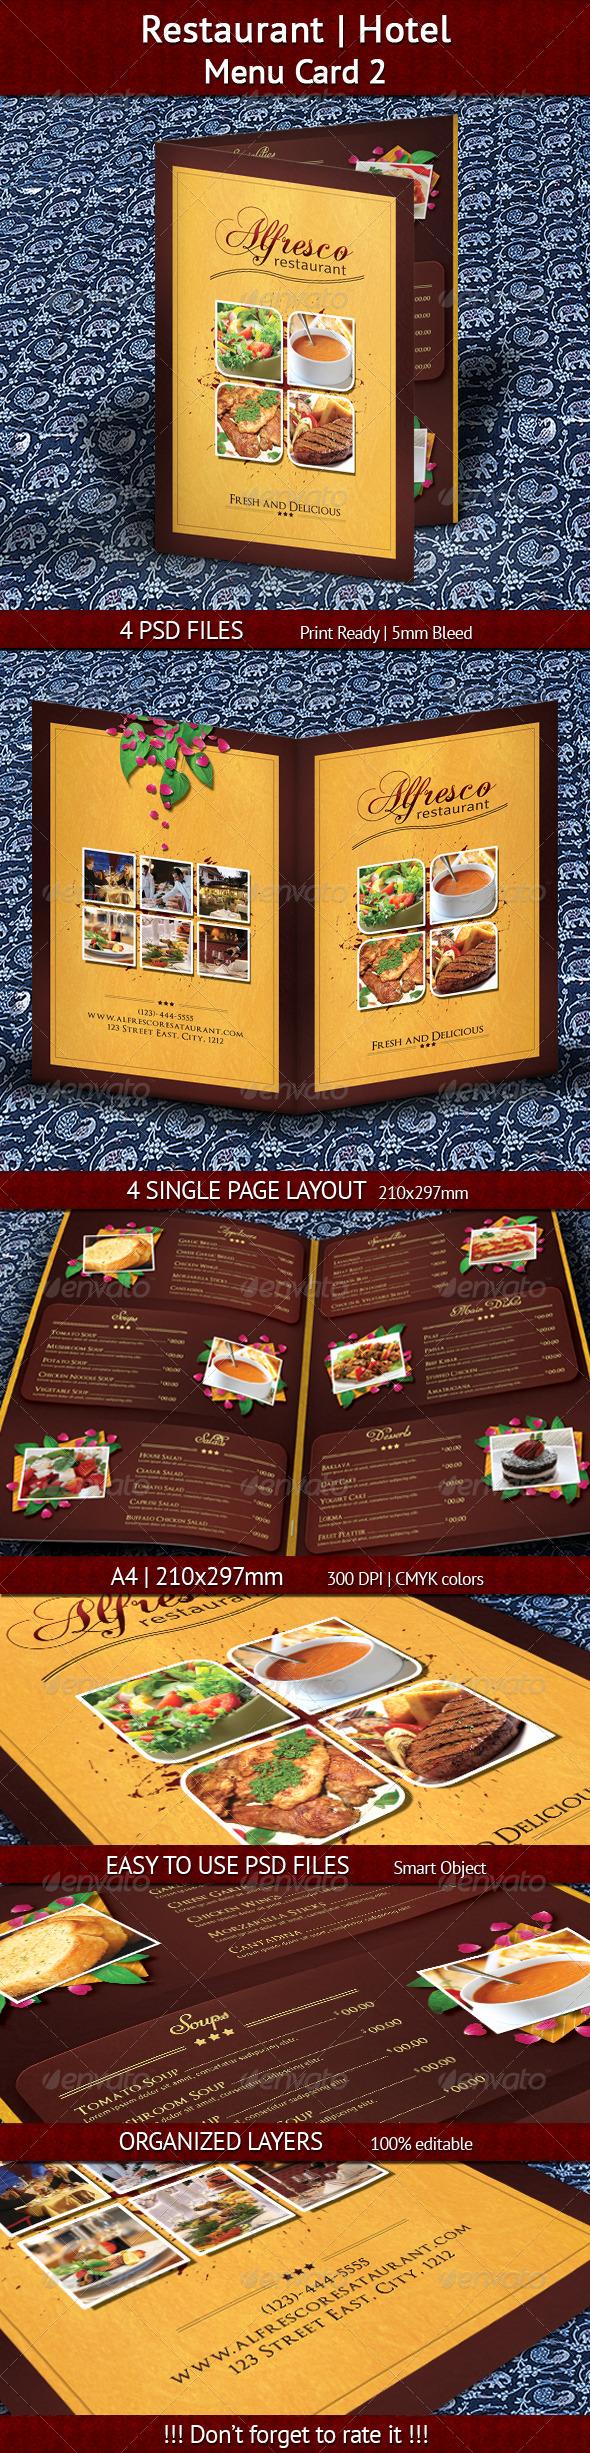 GraphicRiver Restaurant Hotel Menu Card 2 7452093